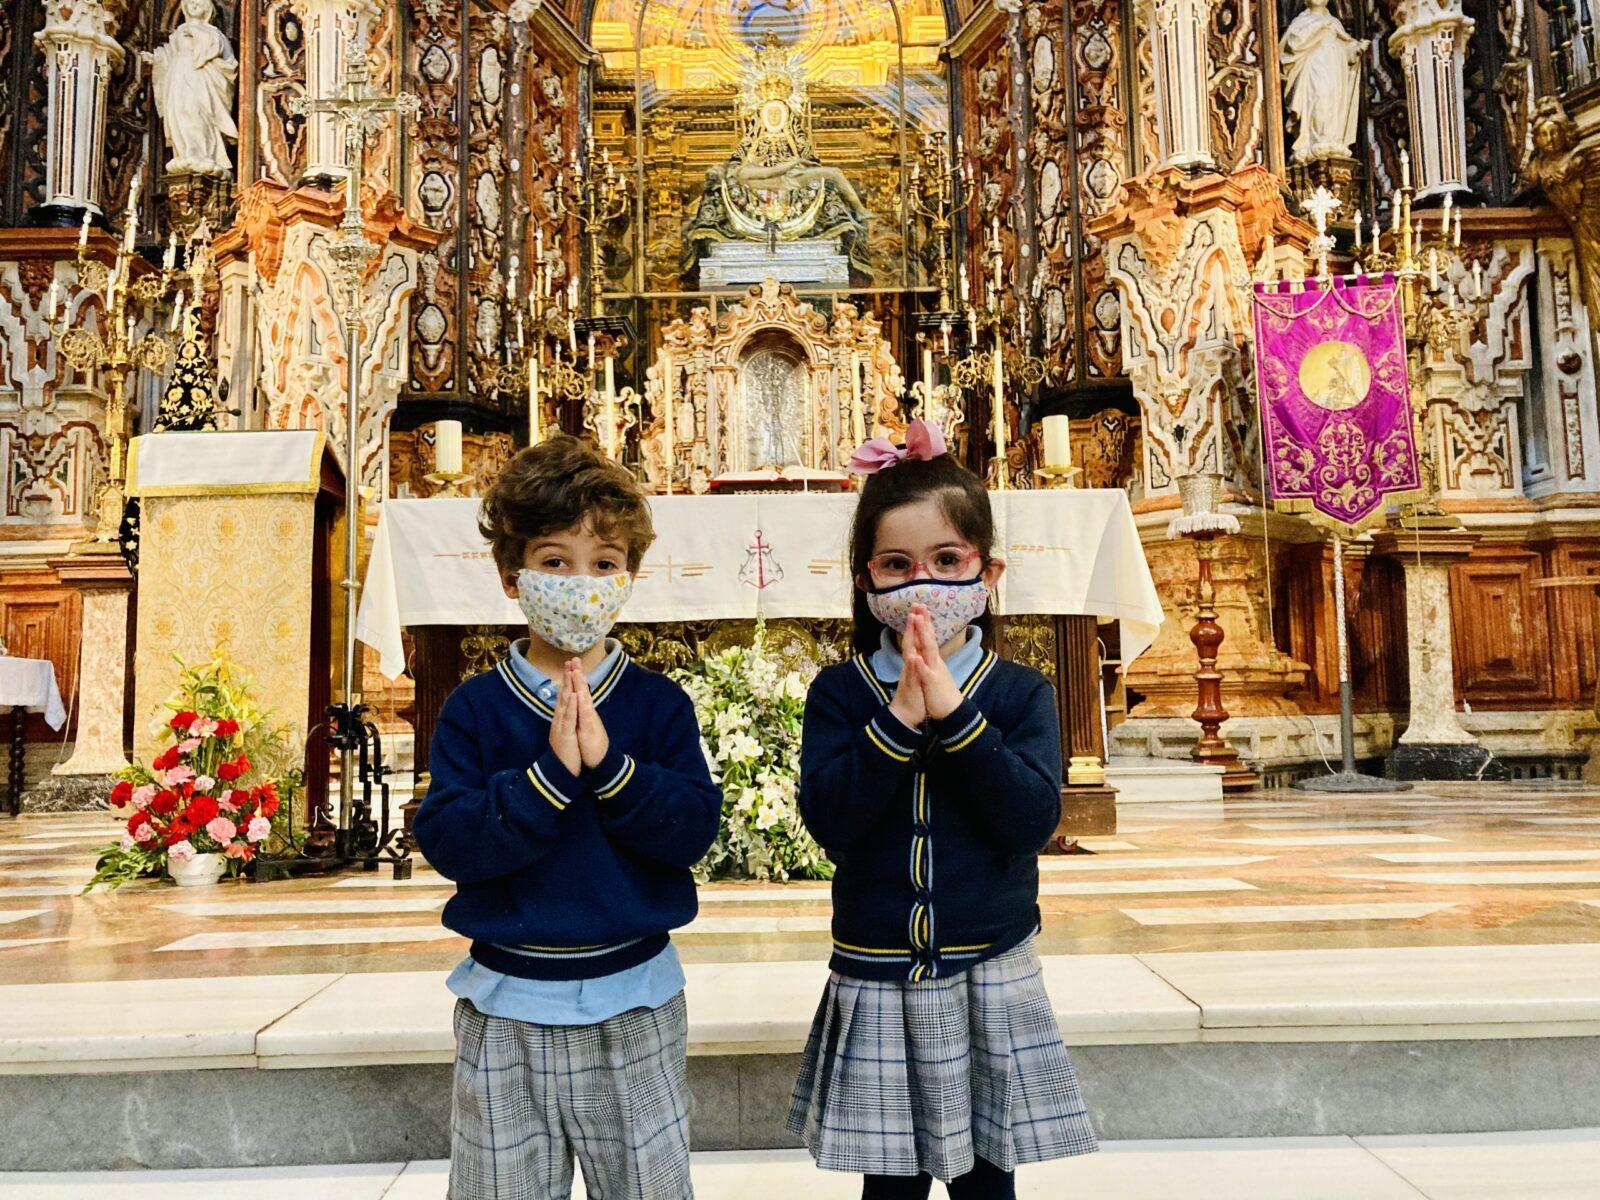 La iglesia en el colegio virgen de las angustias Granada